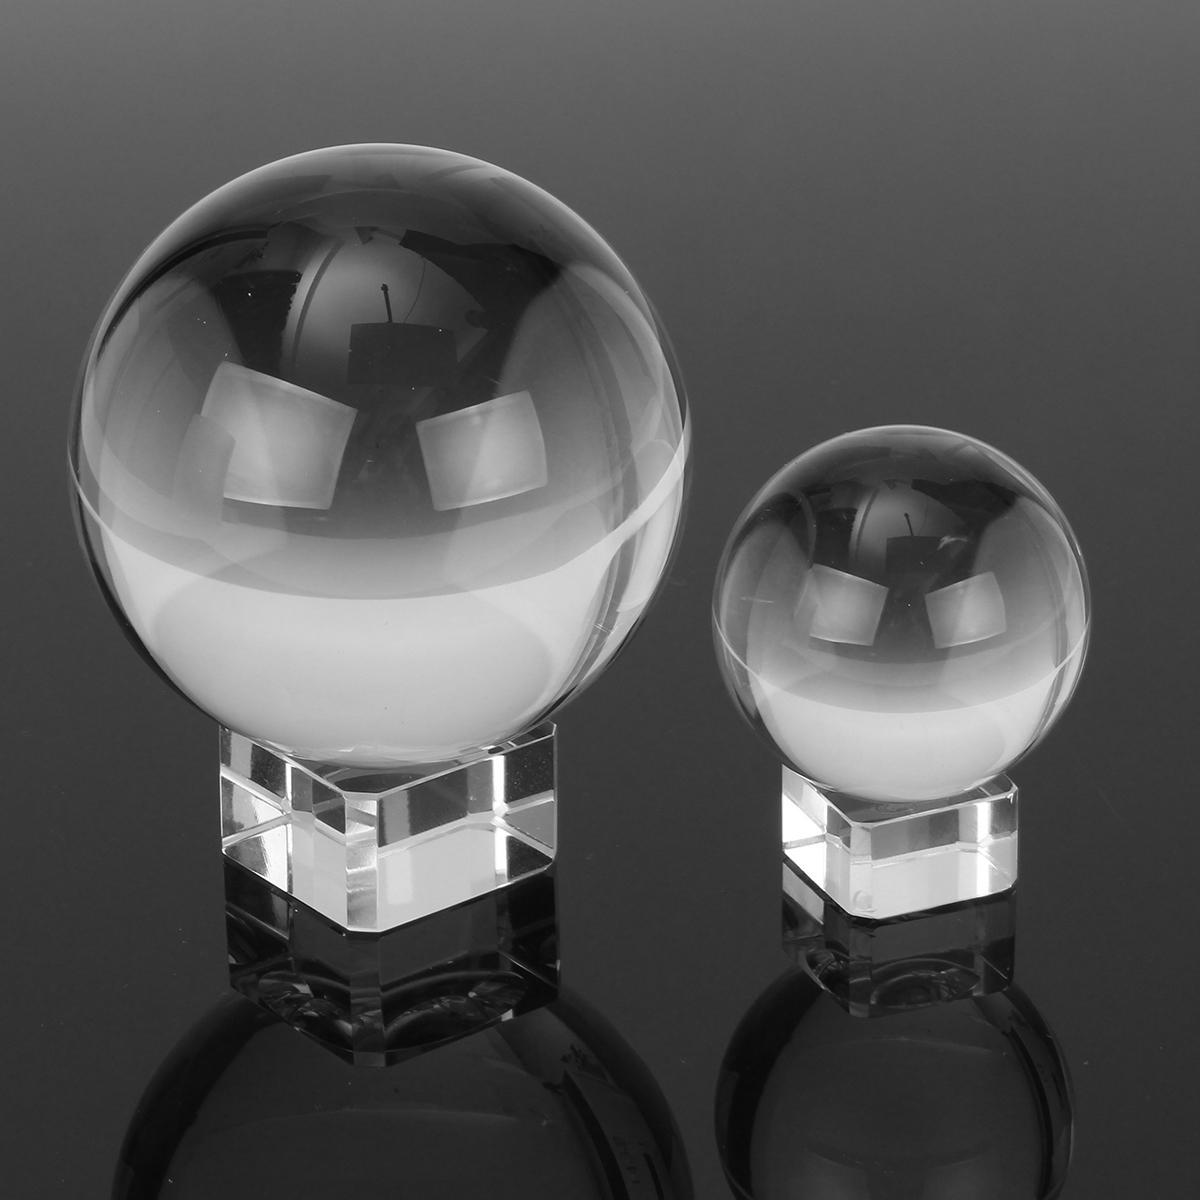 50 / 80mm K9 clair en verre boule de verre photographie Lensball photo Prop fond décorations cadeau